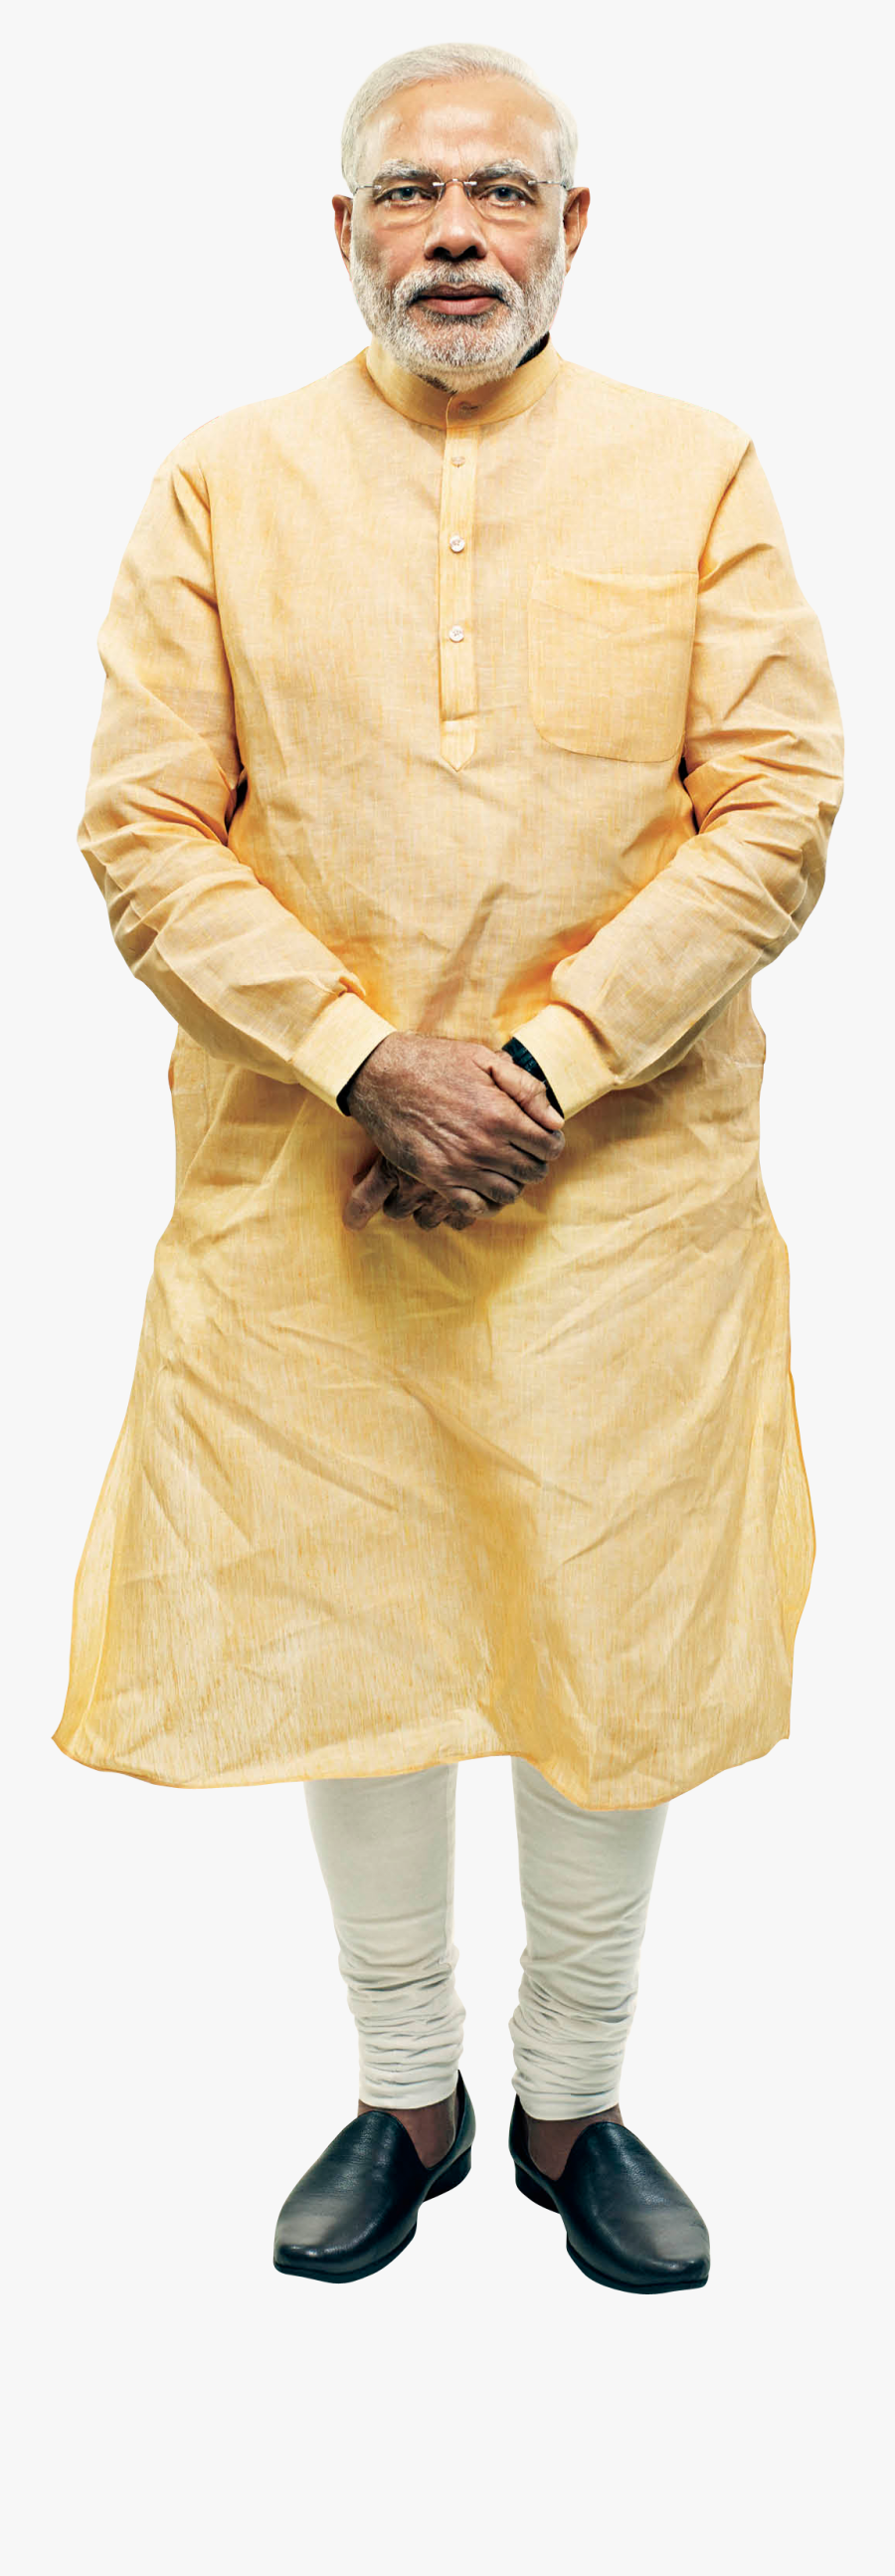 Narendra Modi Png Photos - Time Magazine Covers Modi, Transparent Clipart